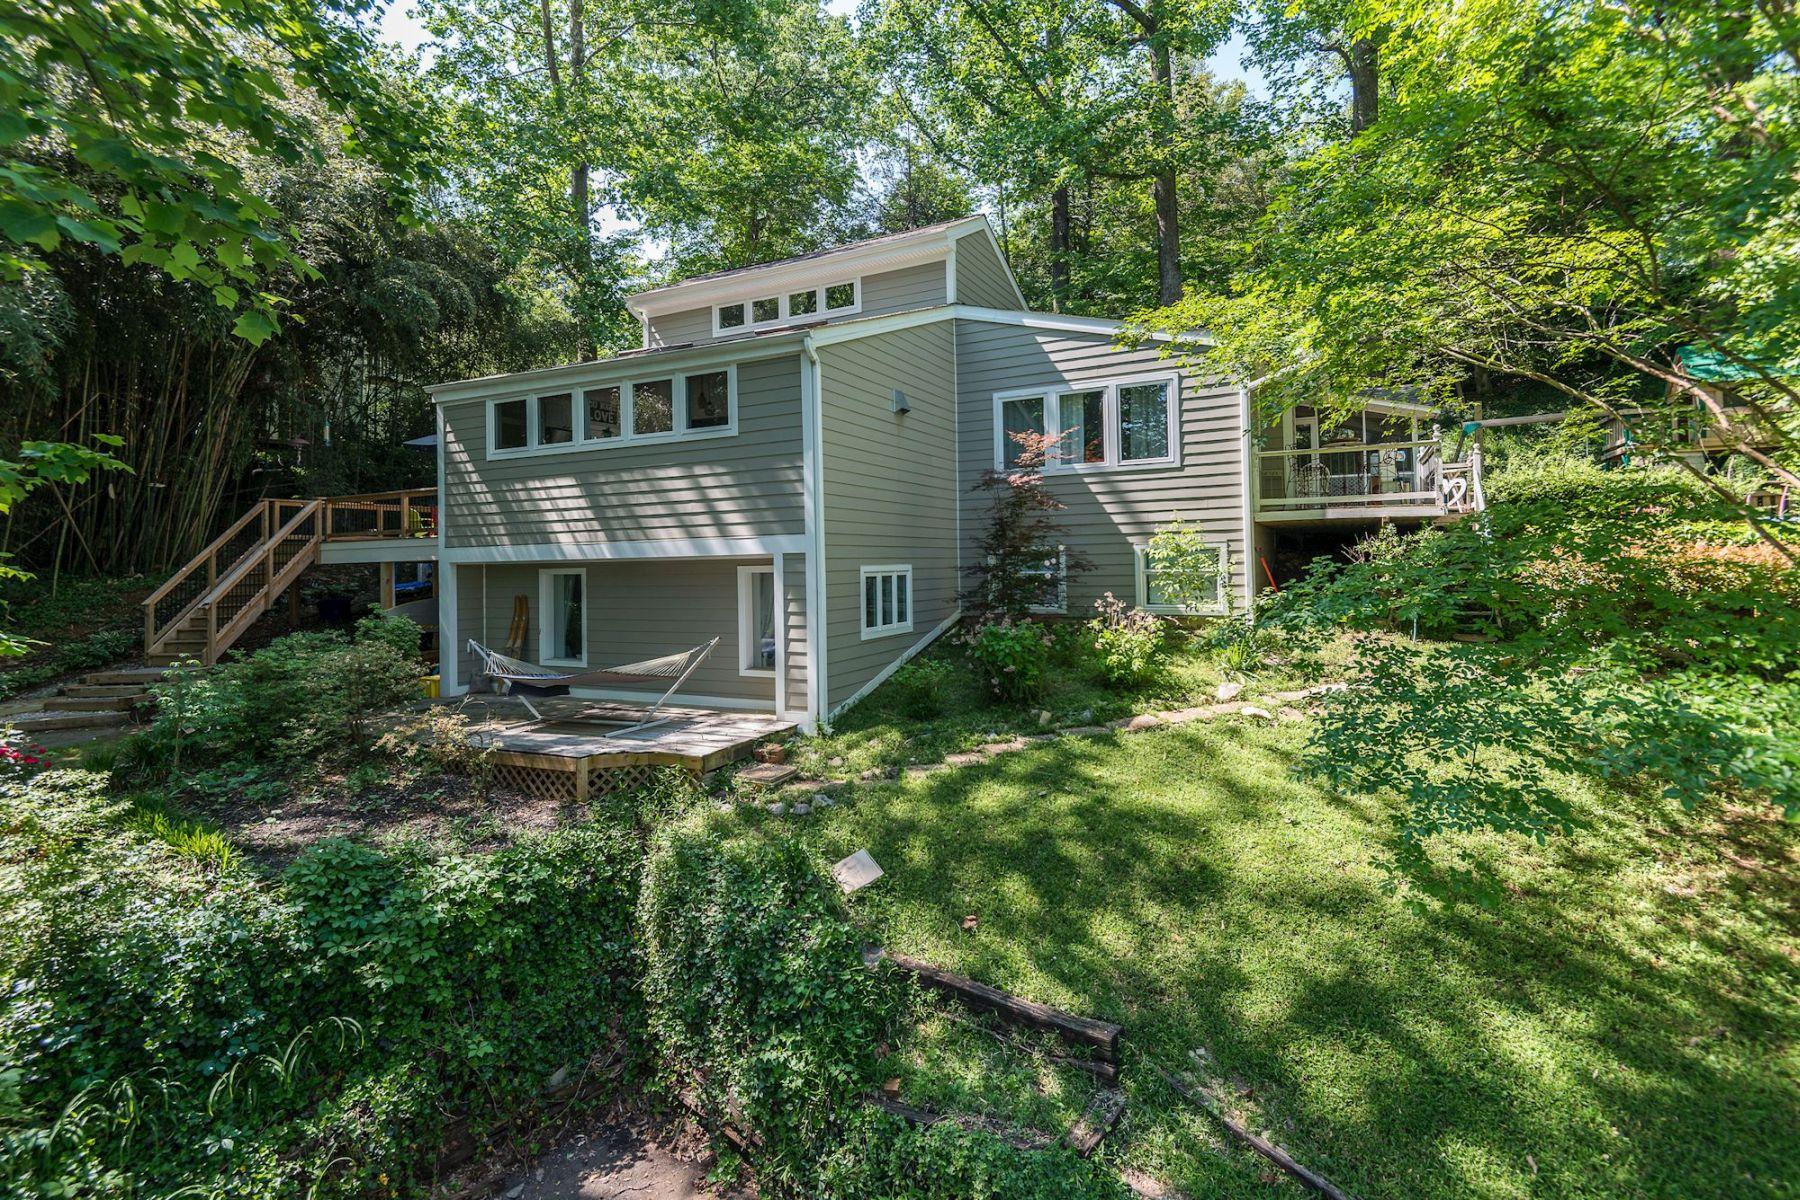 Casa Unifamiliar por un Venta en 332 Epping Way, Annapolis Annapolis, Maryland, 21401 Estados Unidos